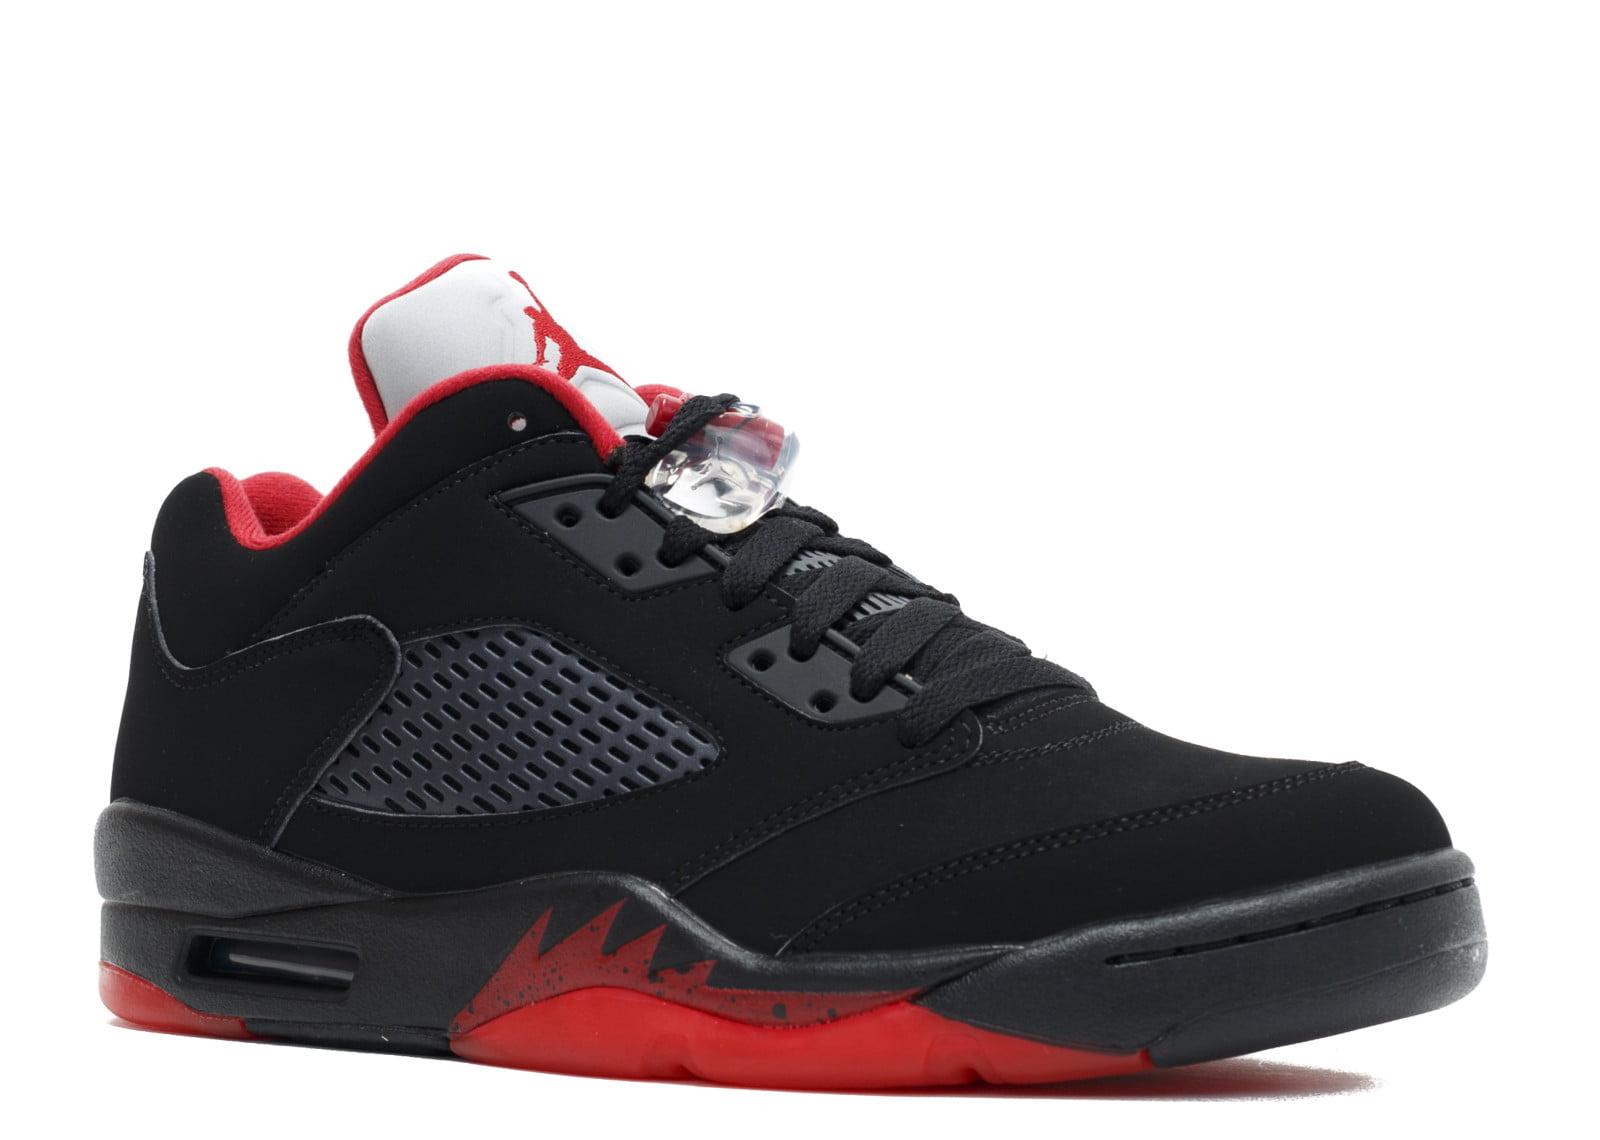 Air Jordan 5 Retro Low 'Alternate 90